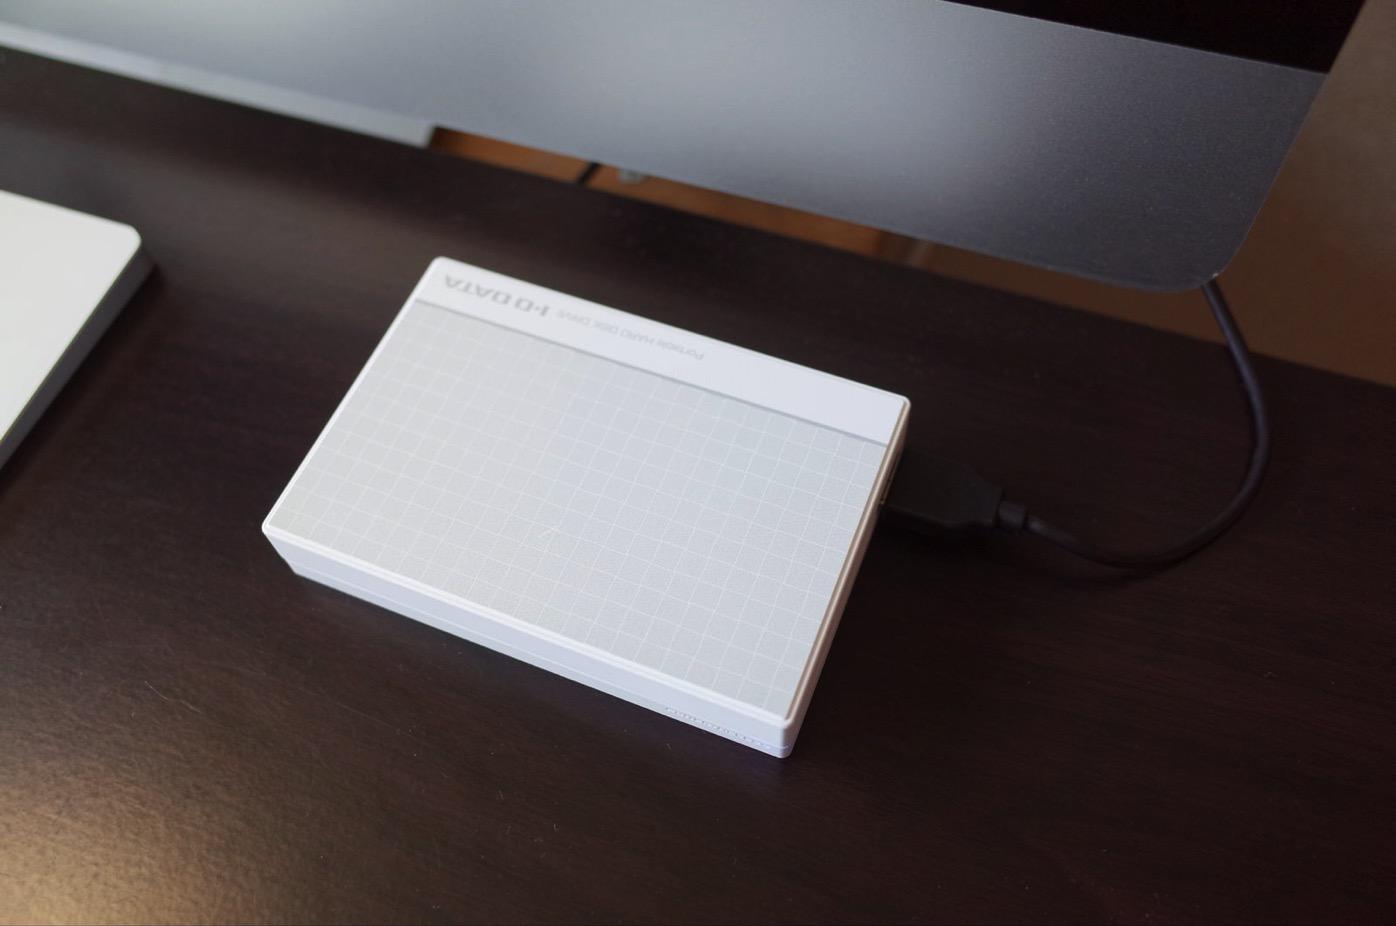 I-O DATA HDD ポータブルハードディスク 3TB USB3.0バスパワー対応-4